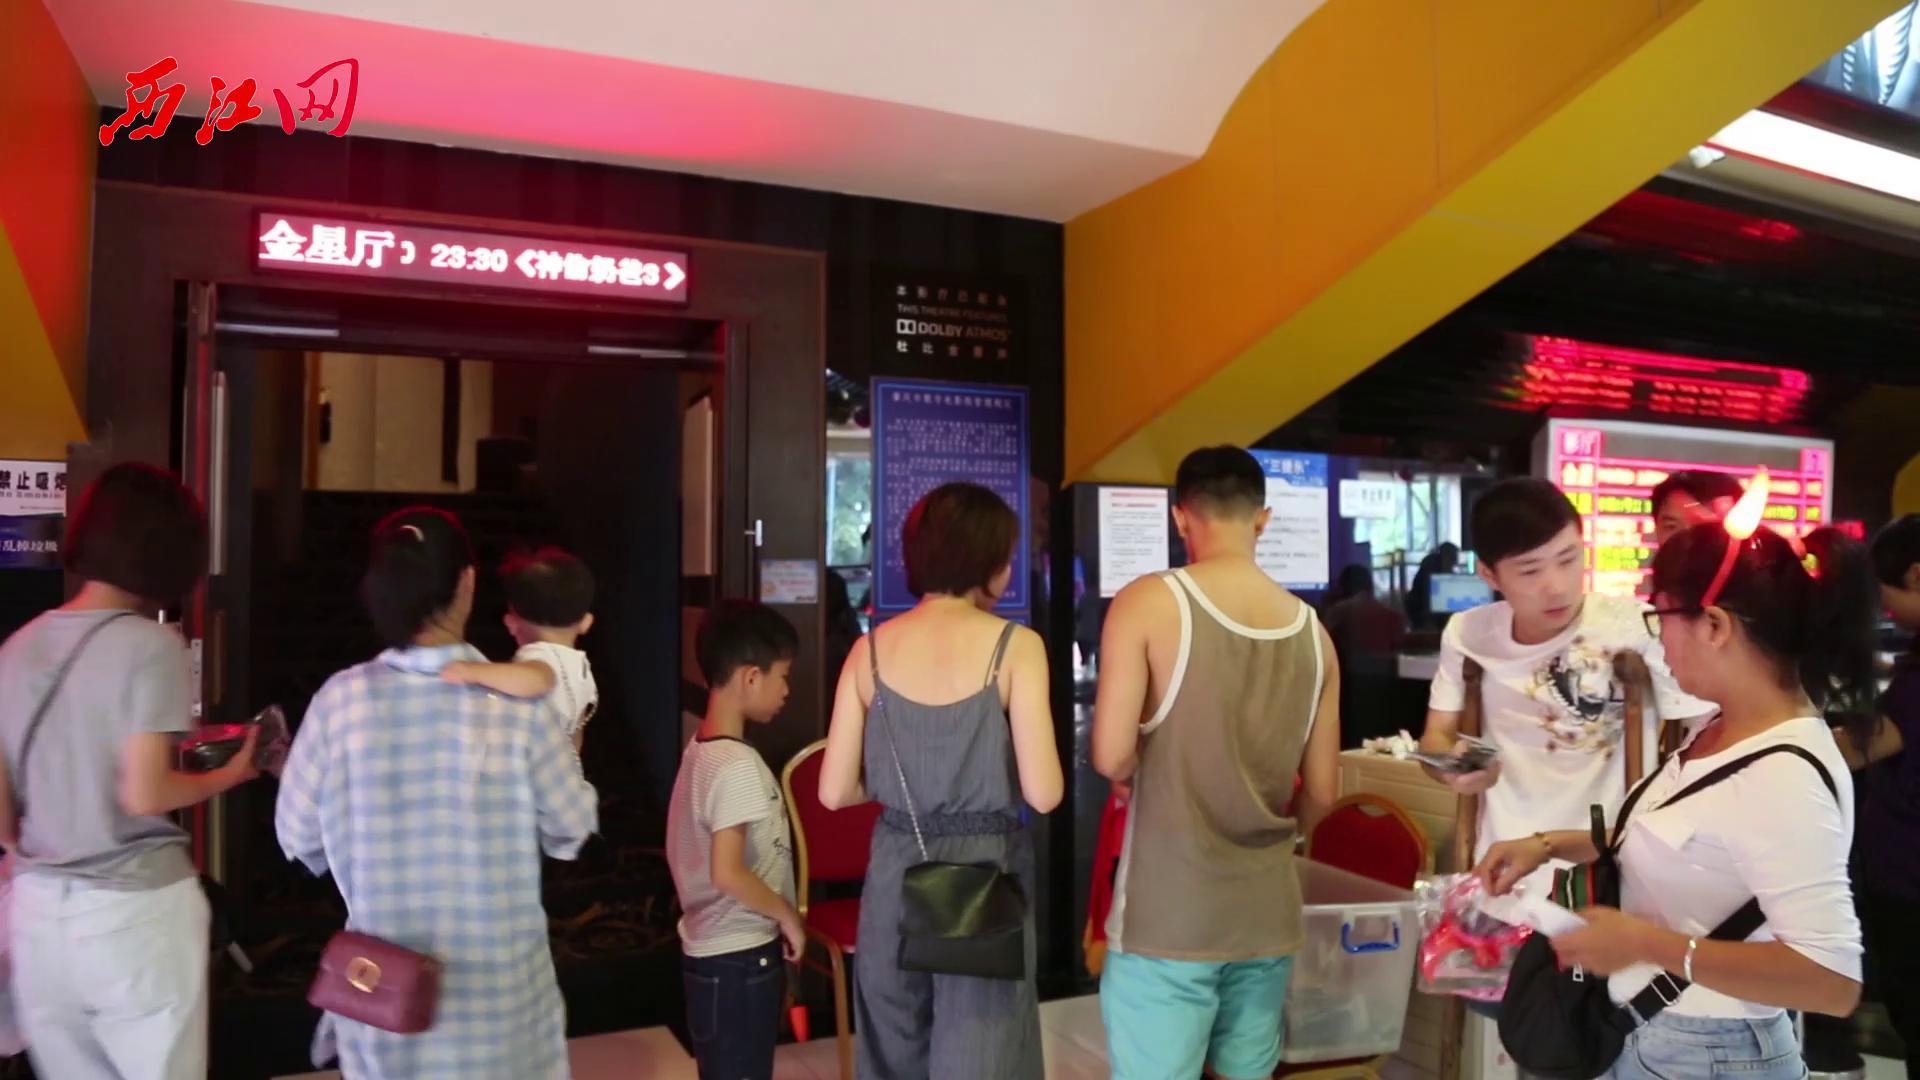 西江网《神偷奶爸3》观影团活动完满结束